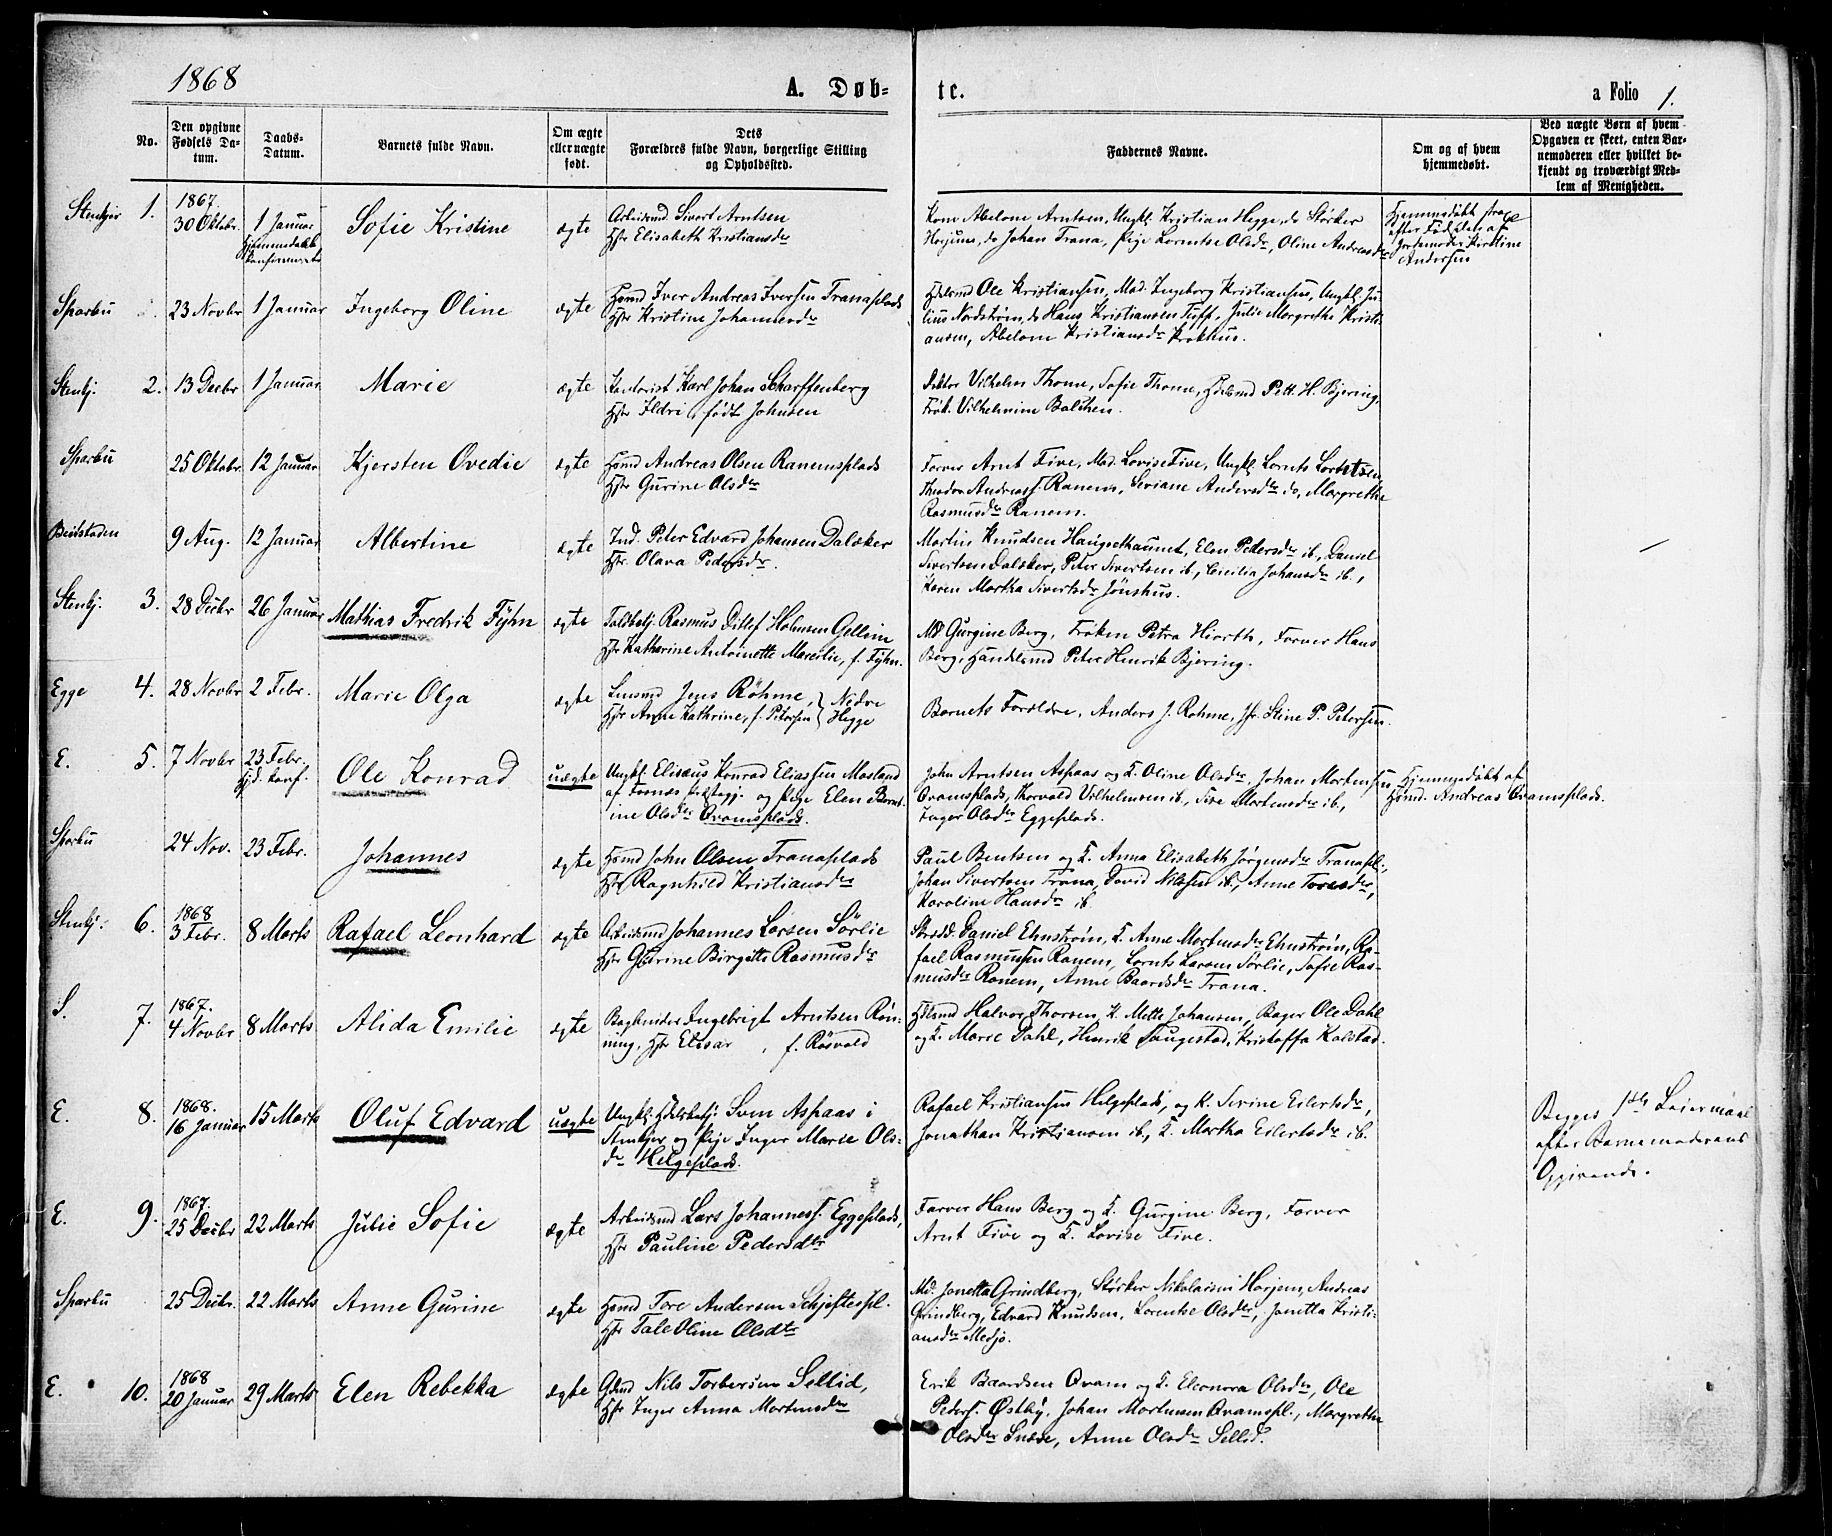 SAT, Ministerialprotokoller, klokkerbøker og fødselsregistre - Nord-Trøndelag, 739/L0370: Ministerialbok nr. 739A02, 1868-1881, s. 1